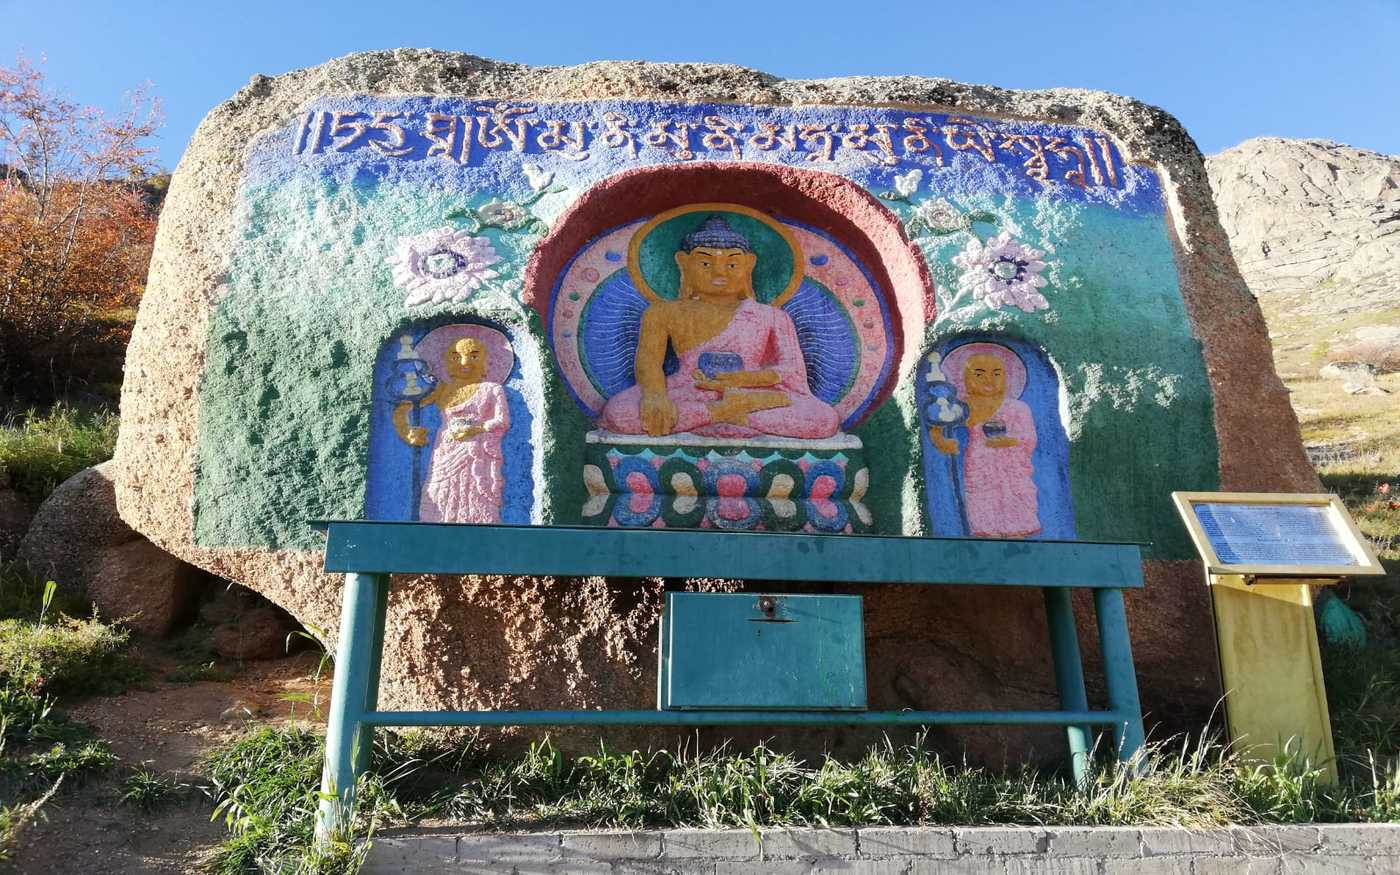 Wandbilder auf dem Weg zum buddhistischen Kloster im Nationalpark Terelj